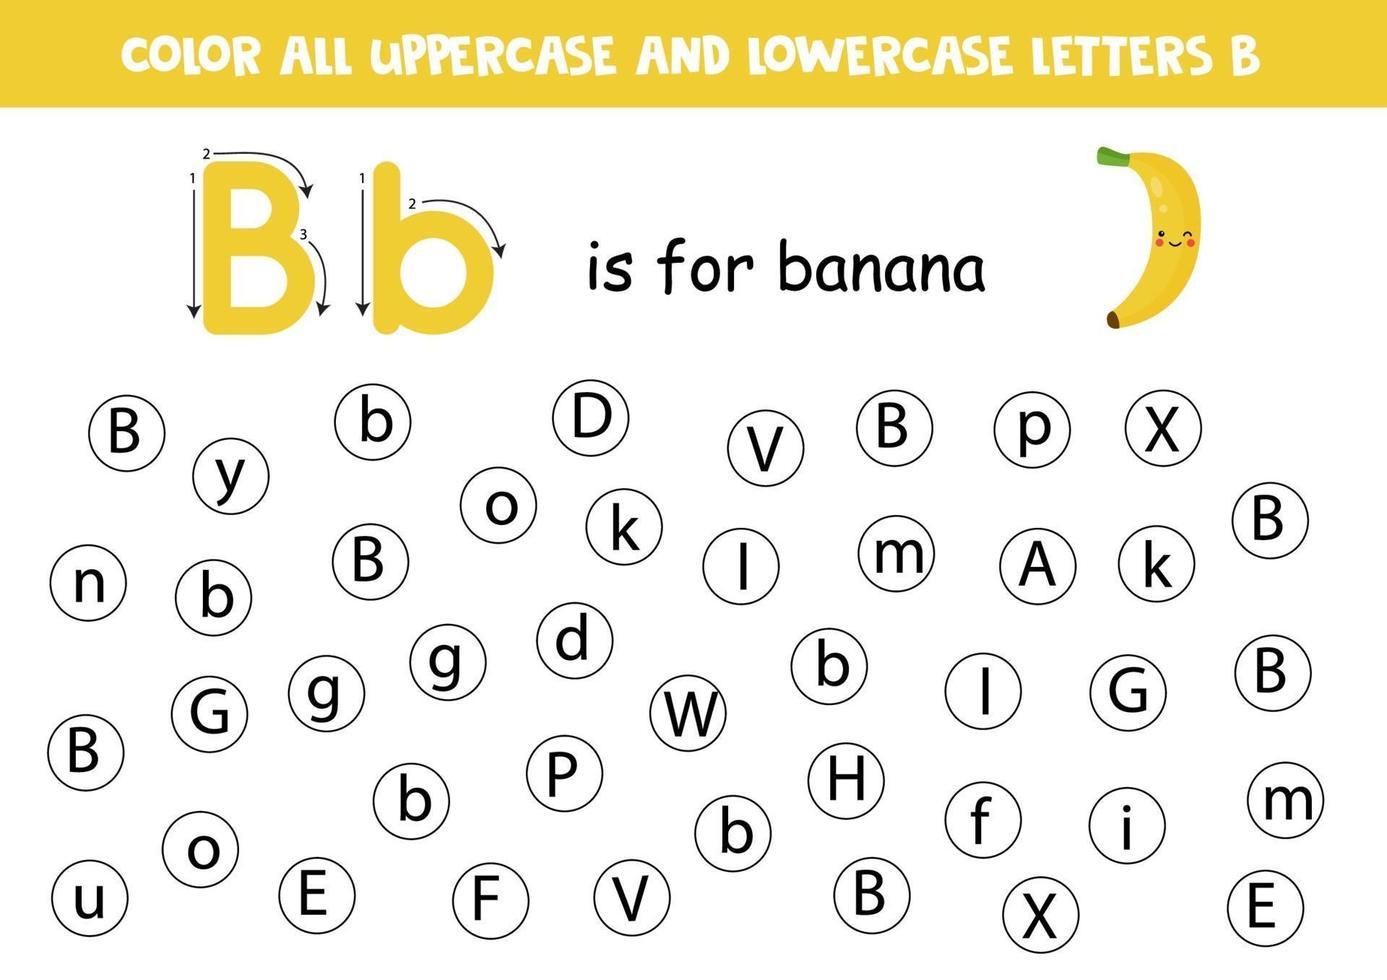 alfabetet kalkylblad. hitta alla bokstäver bb. prickbokstäver. vektor